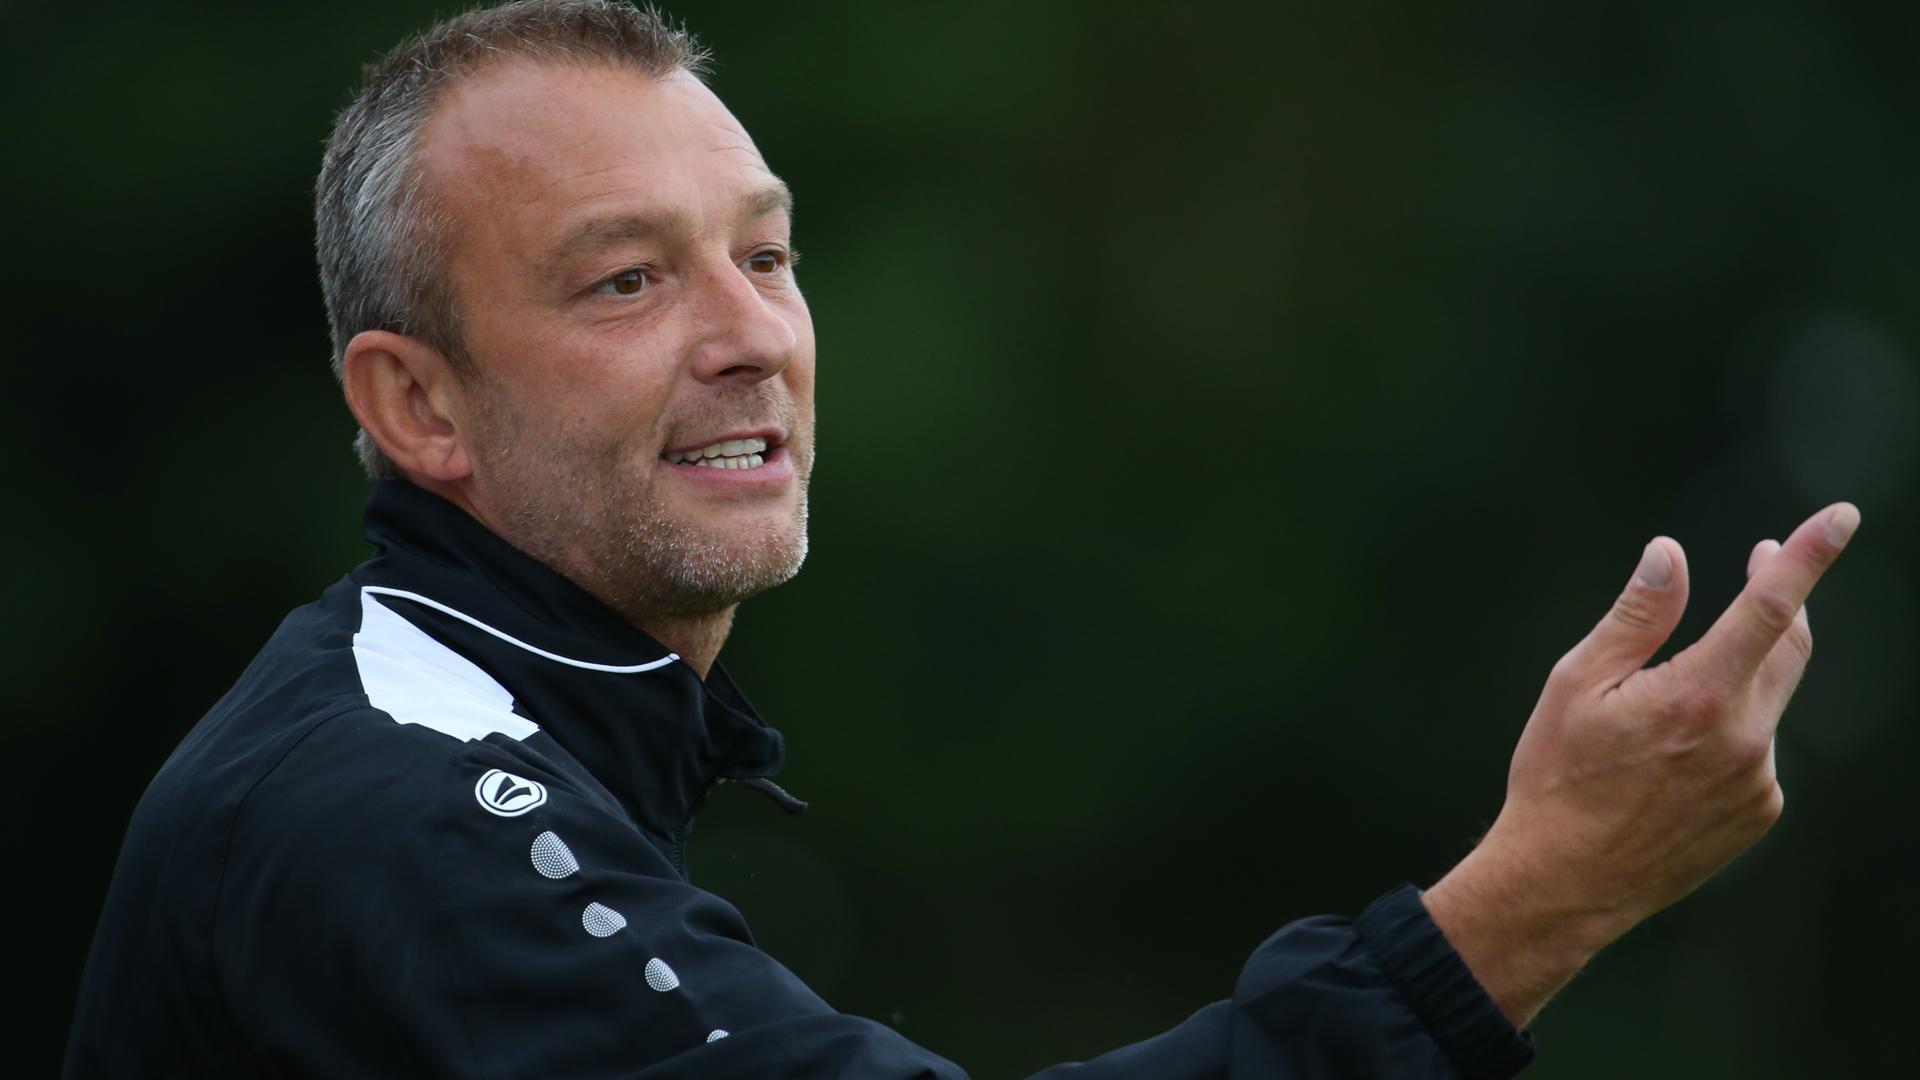 Officiel: Frank Defays est le nouveau coach de l'Excel Mouscron